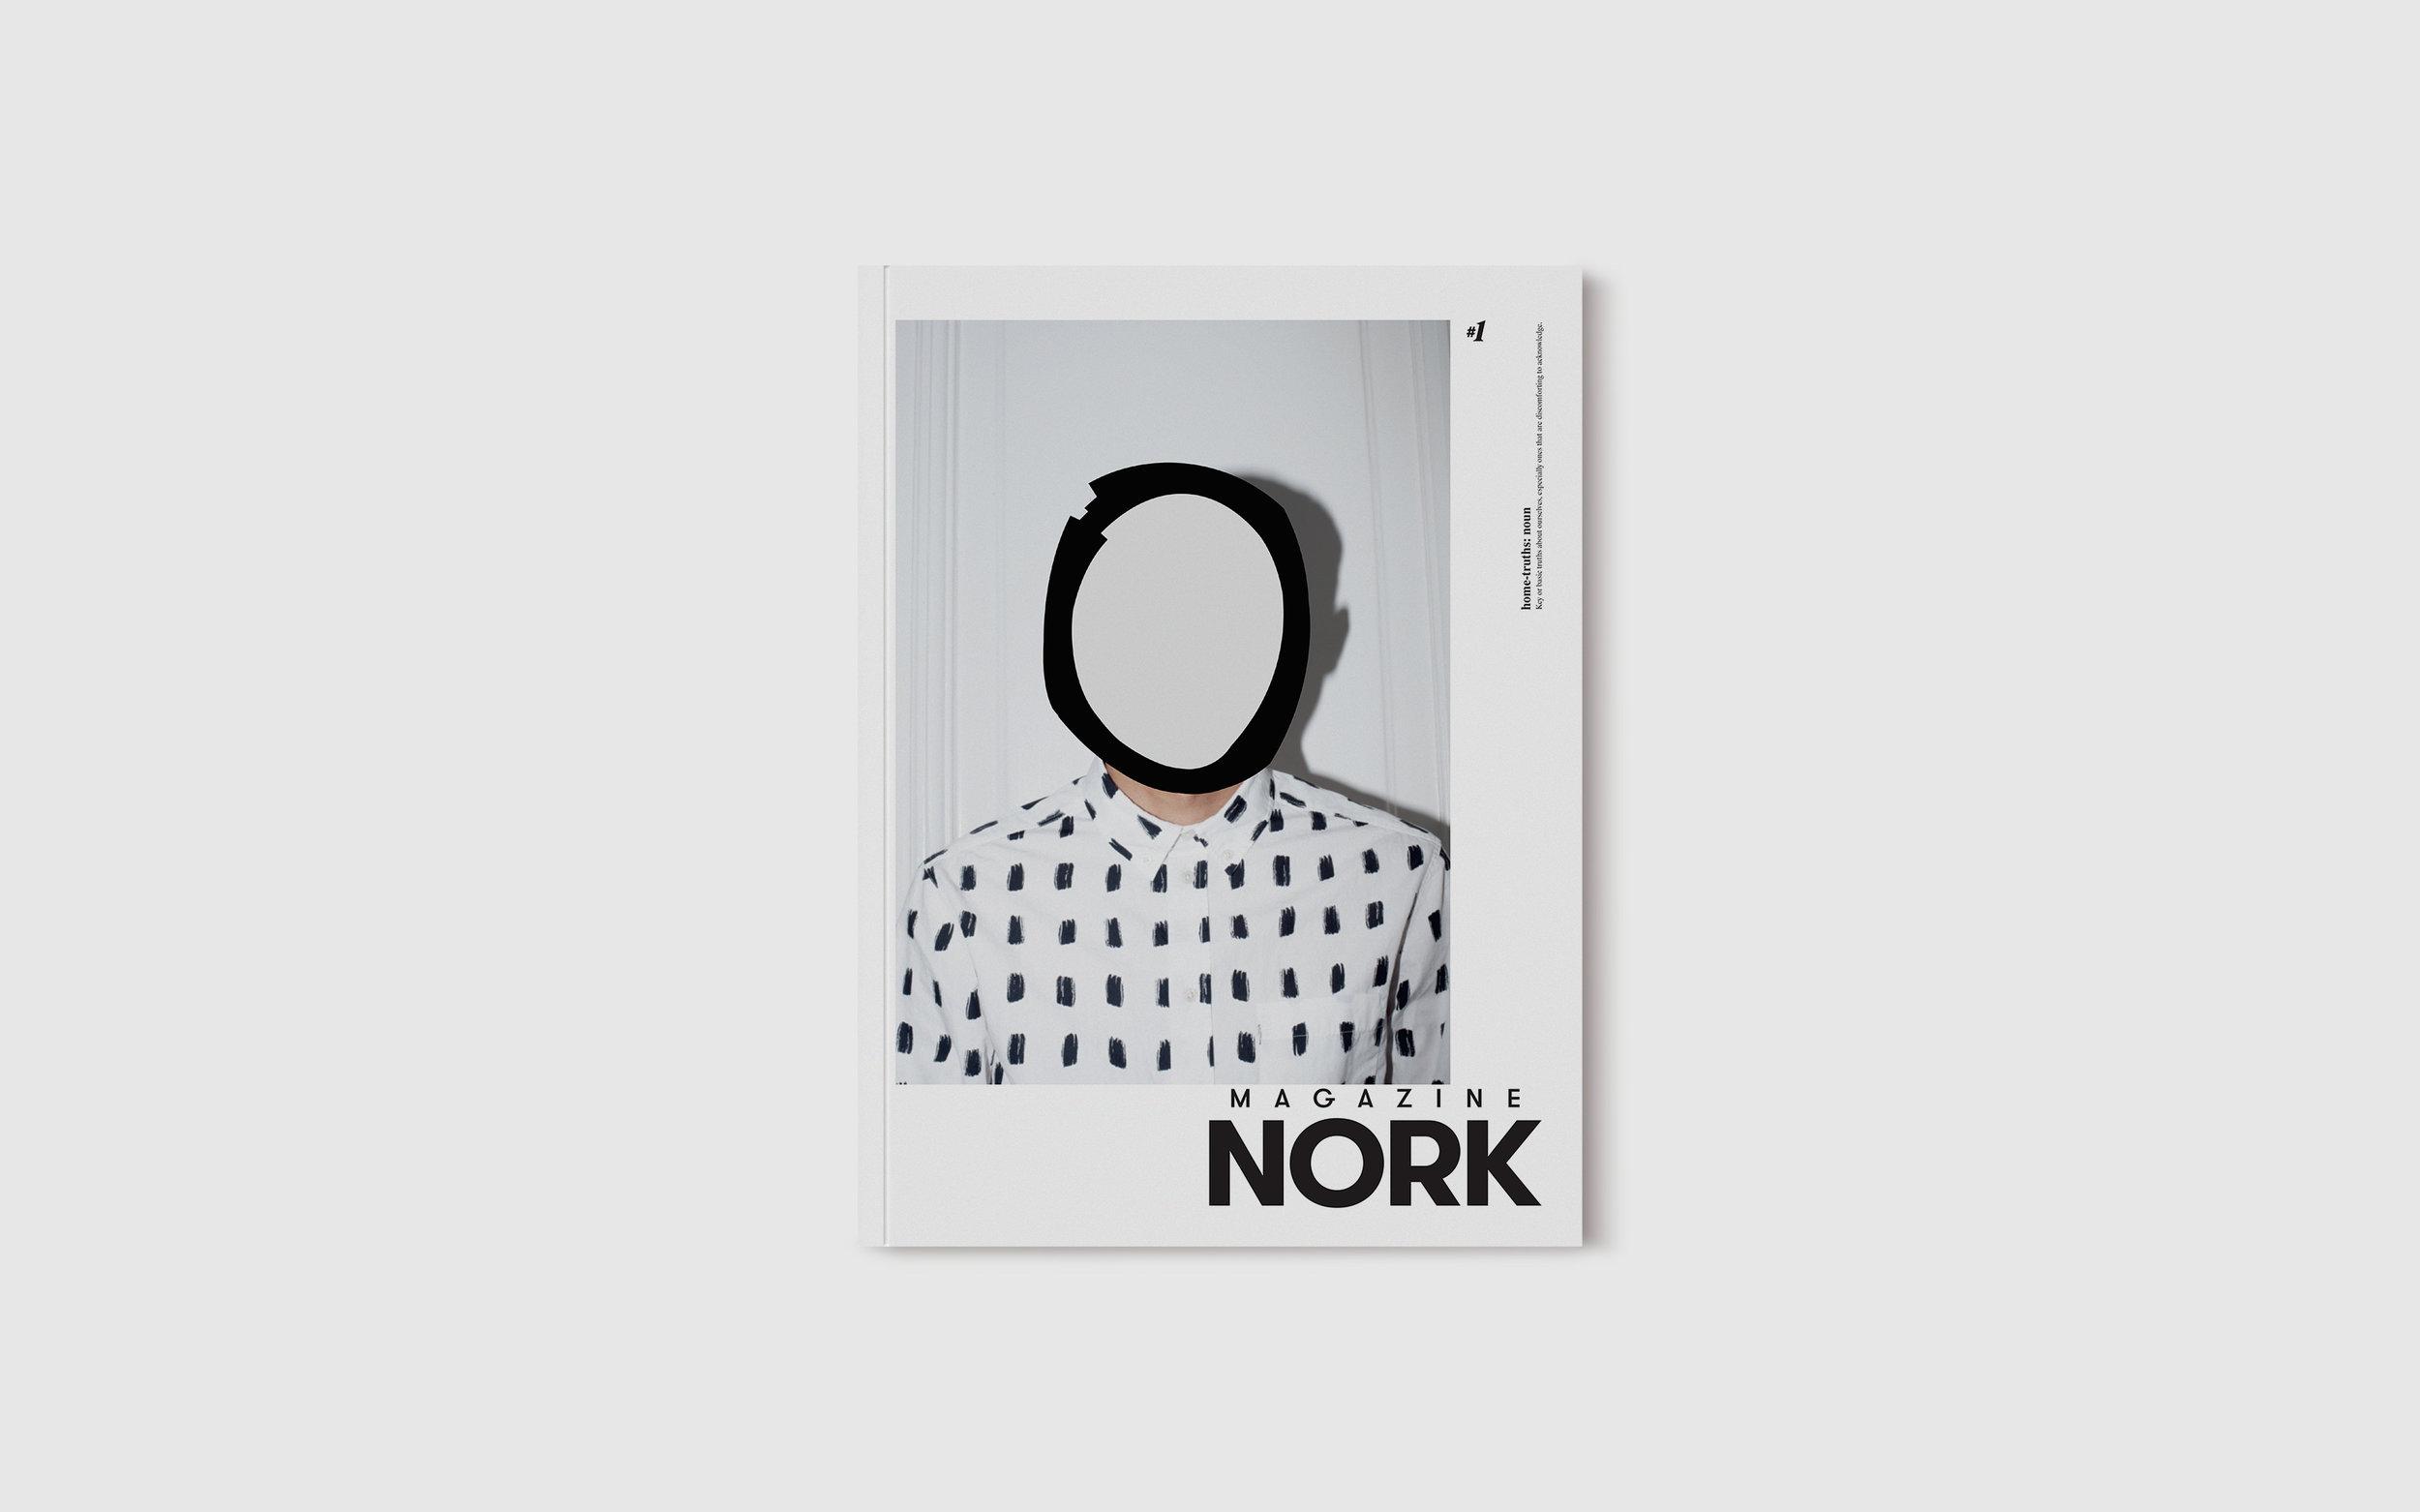 Nork_1_cover.jpg